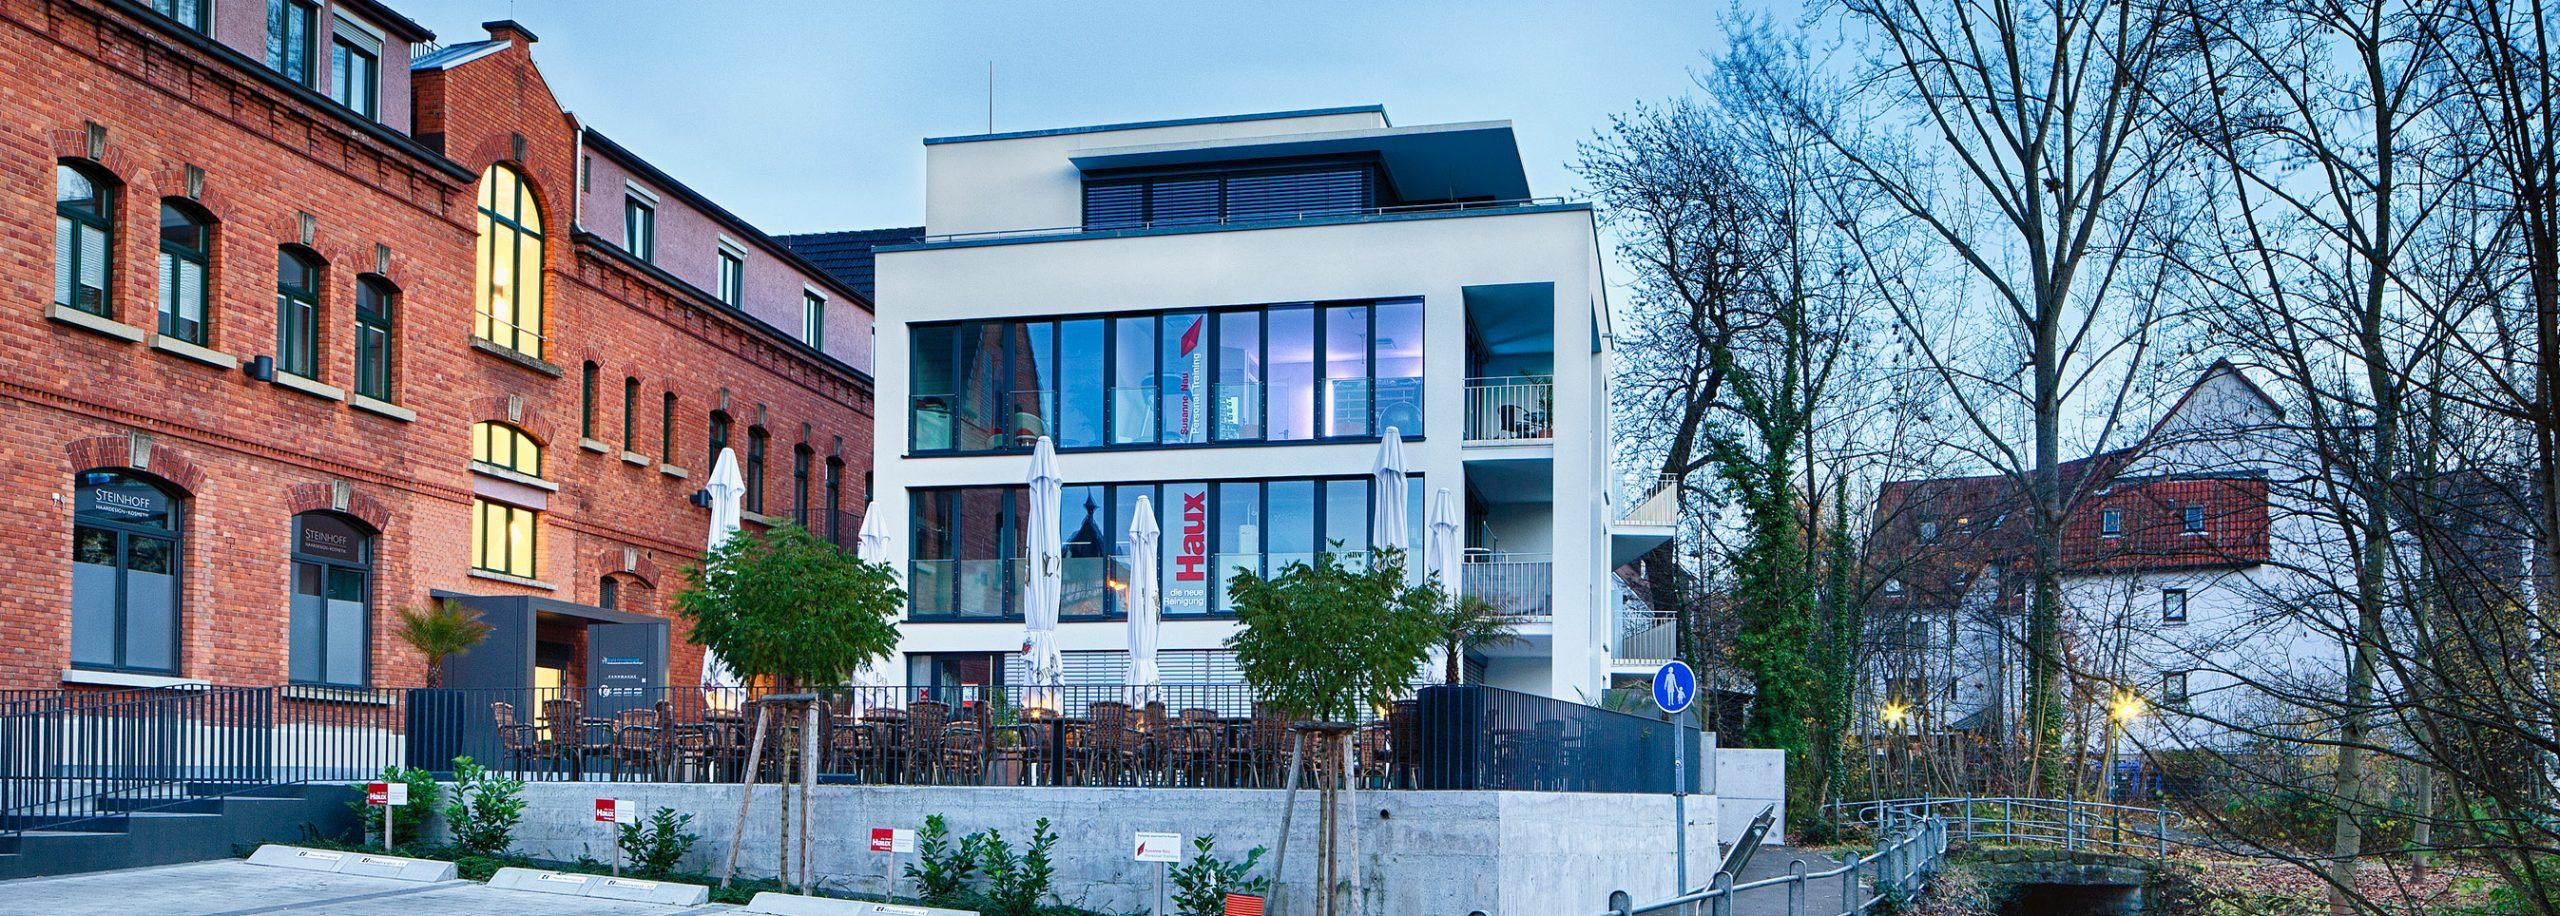 5-Zimmer-Penthousewohnung – Lederstraße 78/1, Reutlingen